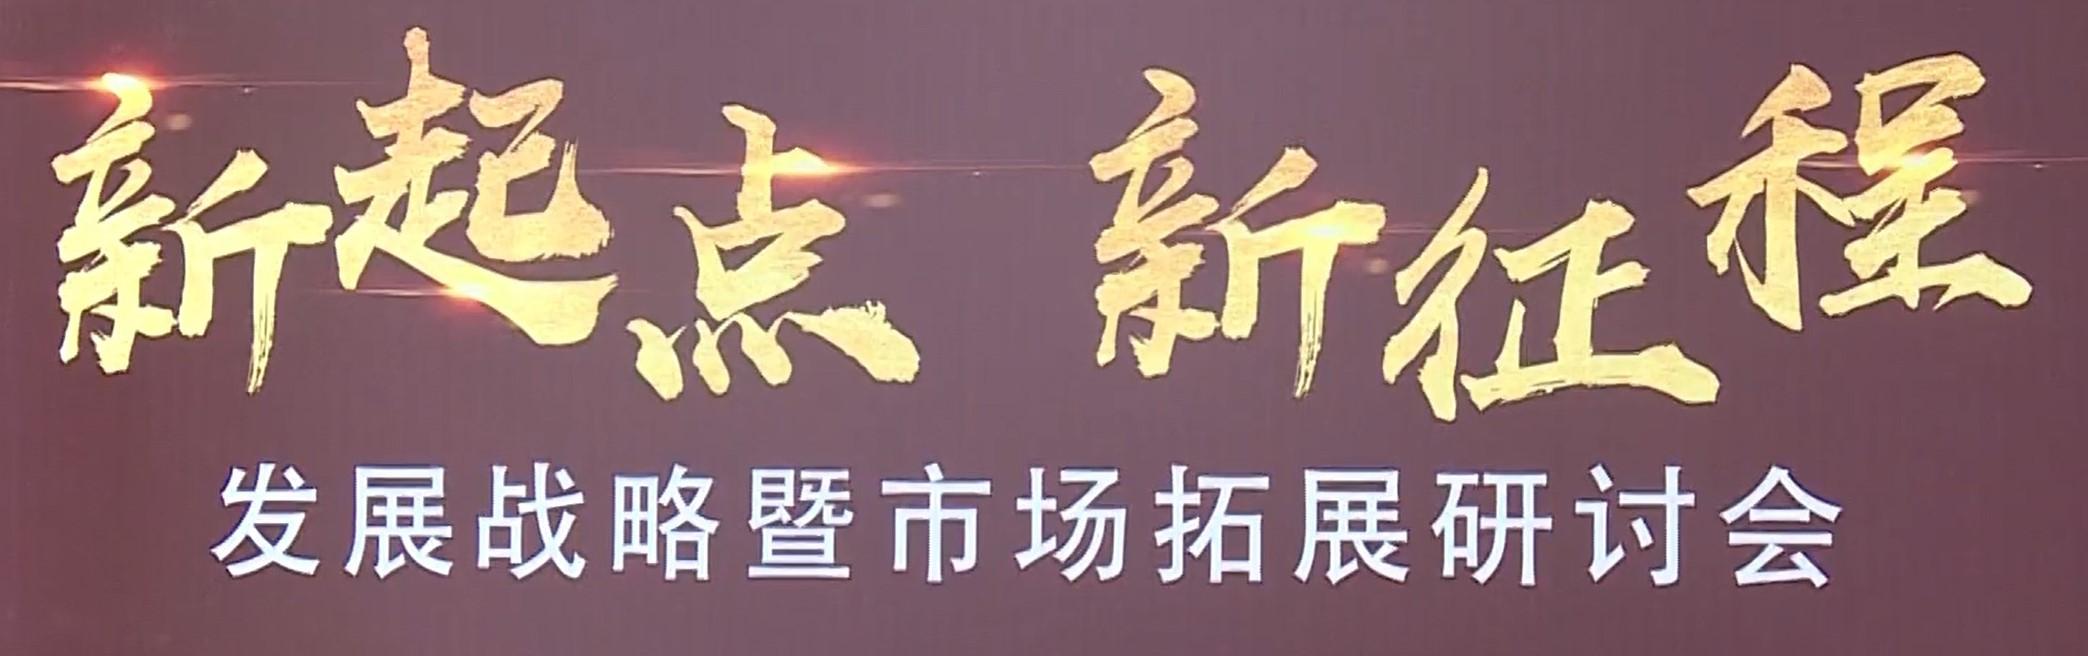 四川传古智能科技有限公司成立揭牌仪式隆重举行